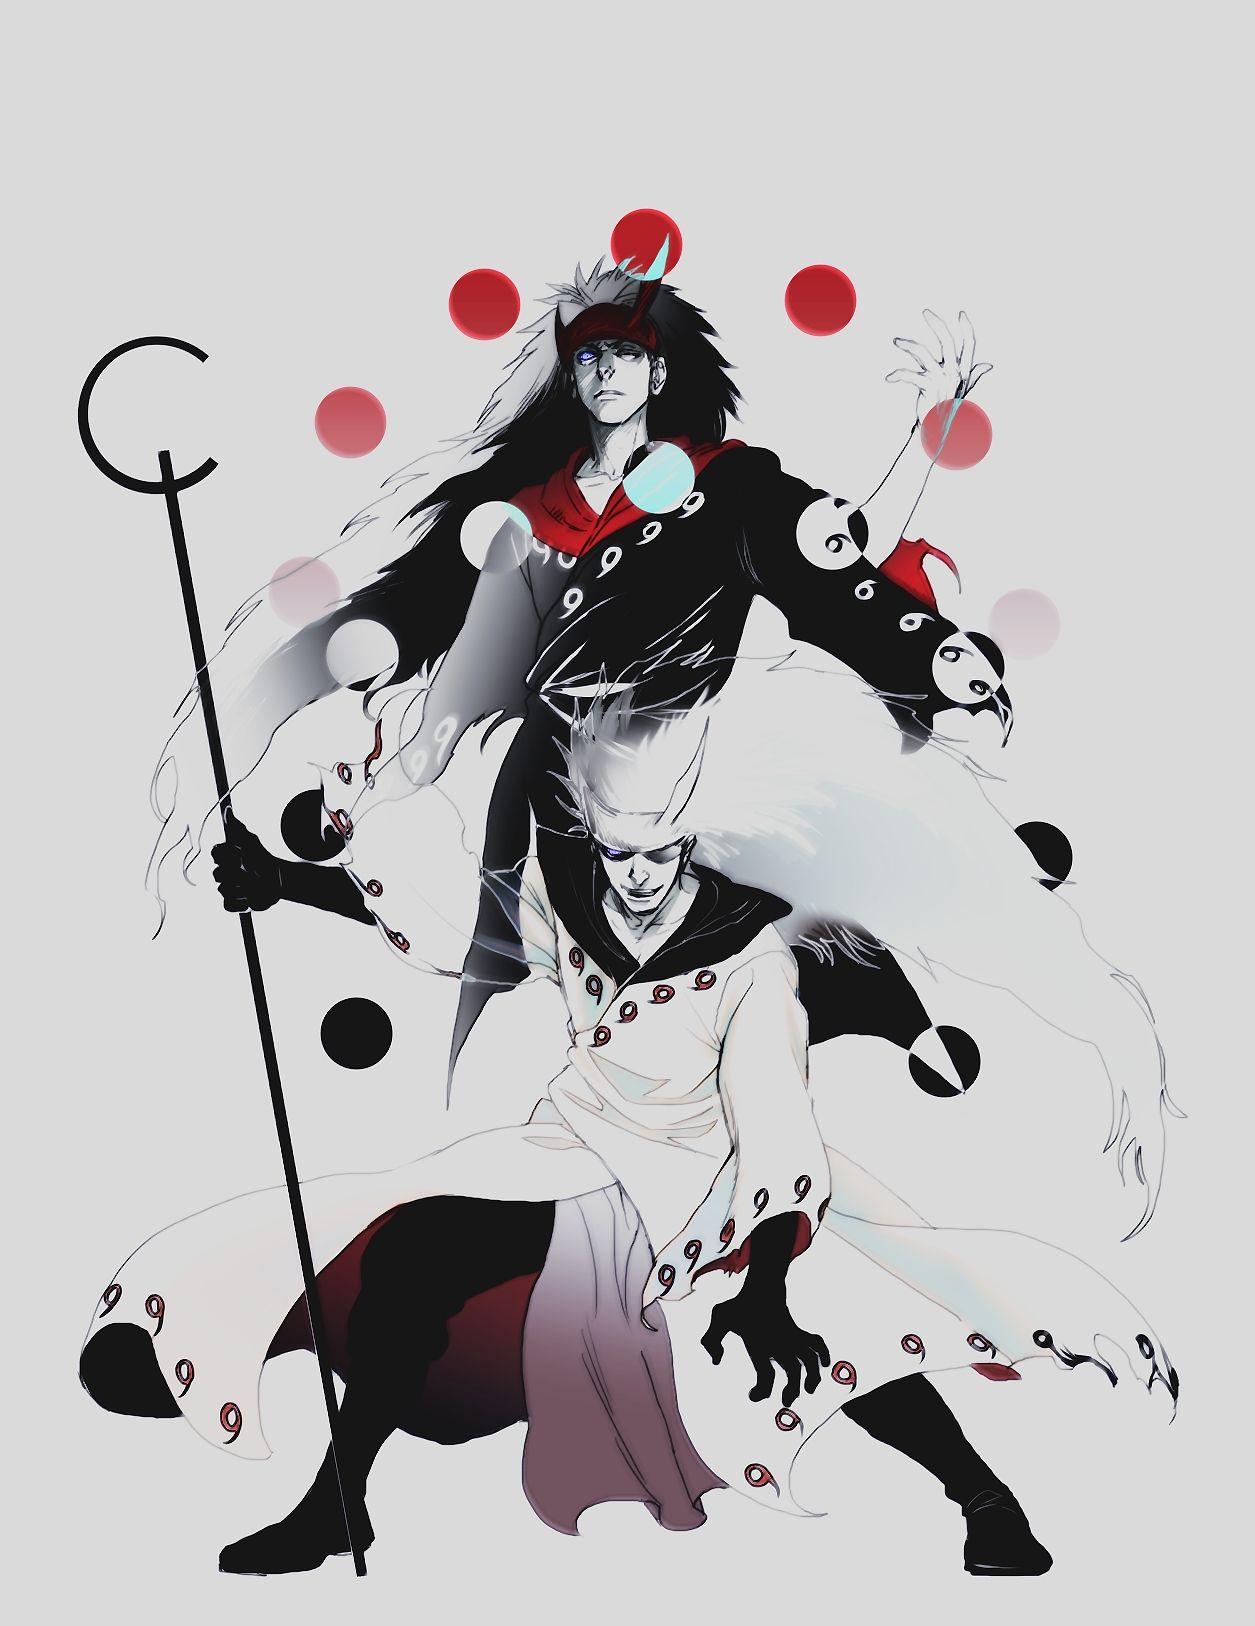 火影忍者 宇智波斑_动漫图片_秋本动漫 イラスト, Naruto登場人物, ナルト イラスト